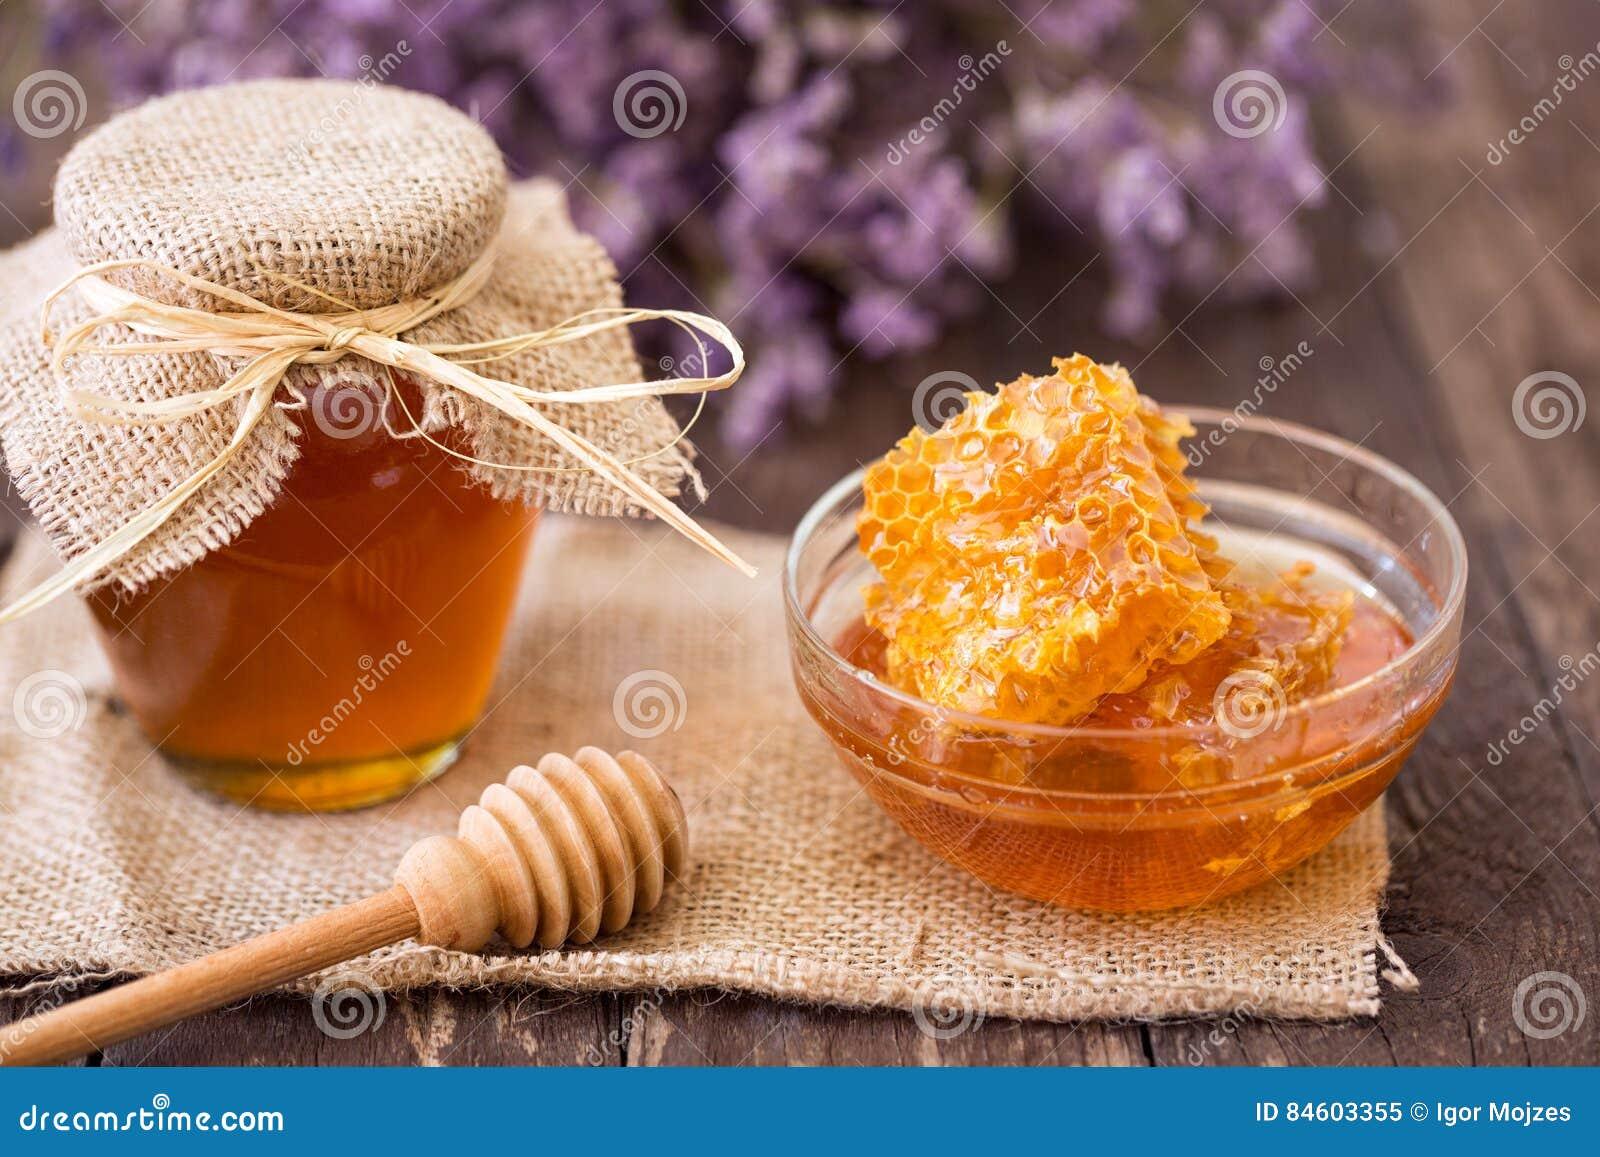 蜂蜜和蜂窝产品蜜蜂